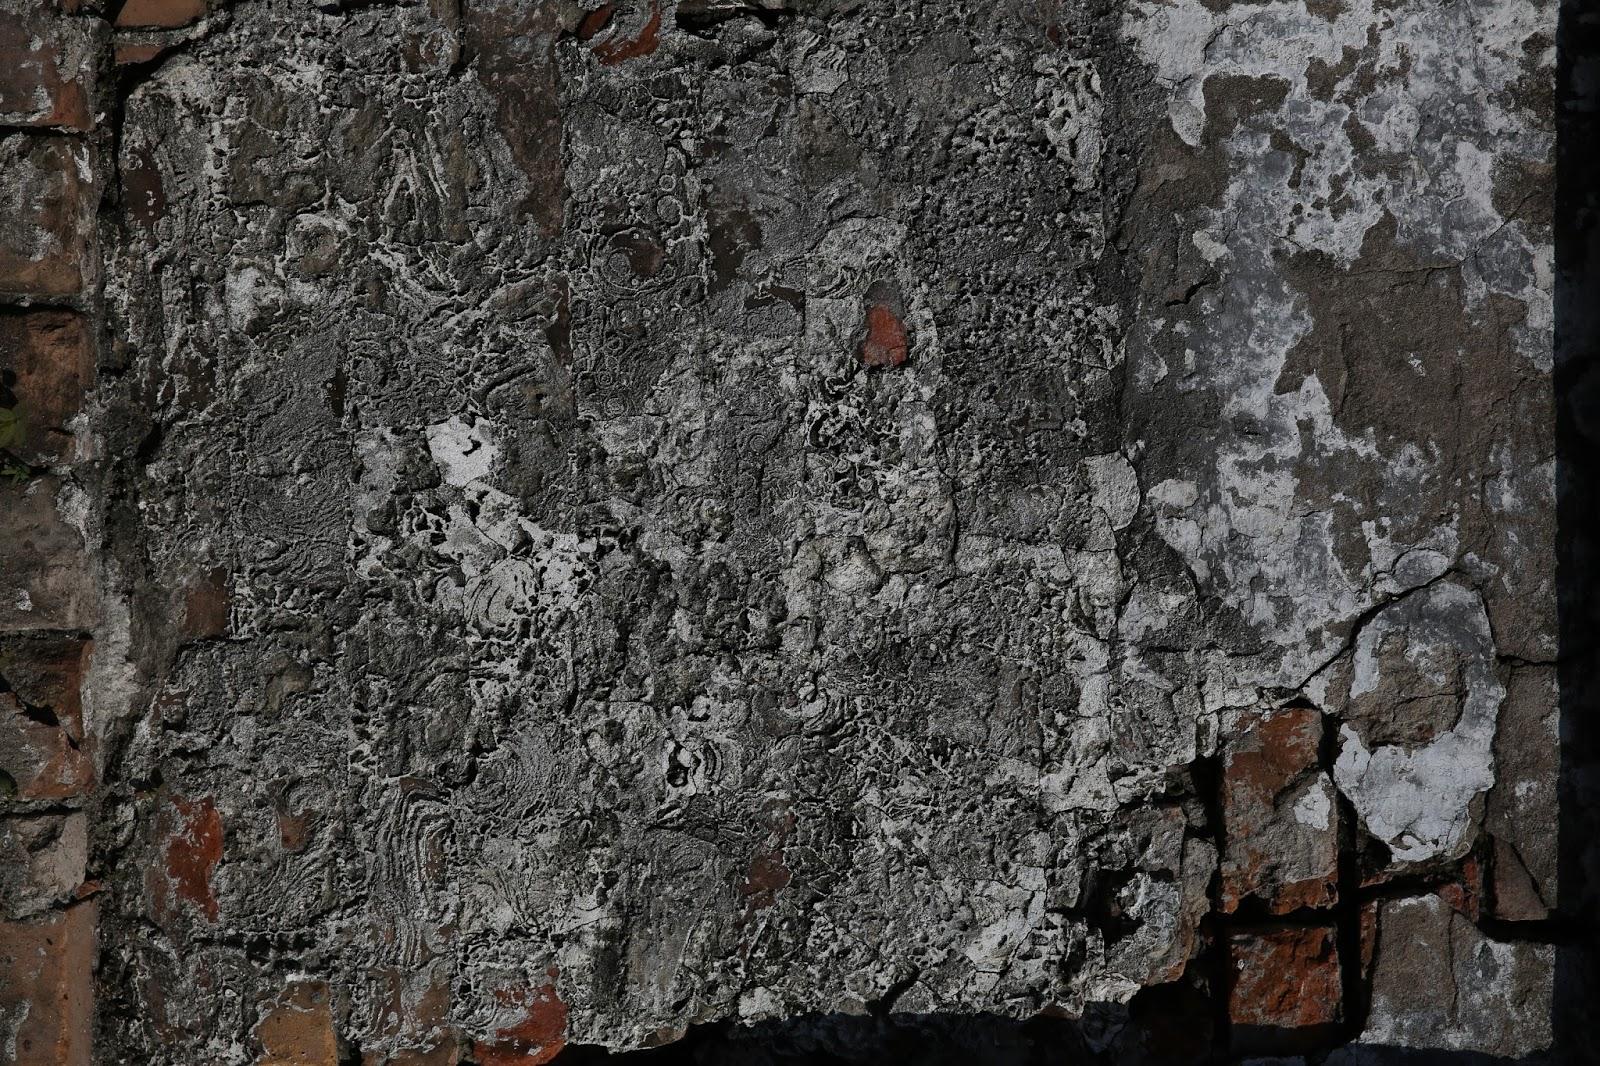 Eroded Plaster on Brick 4304